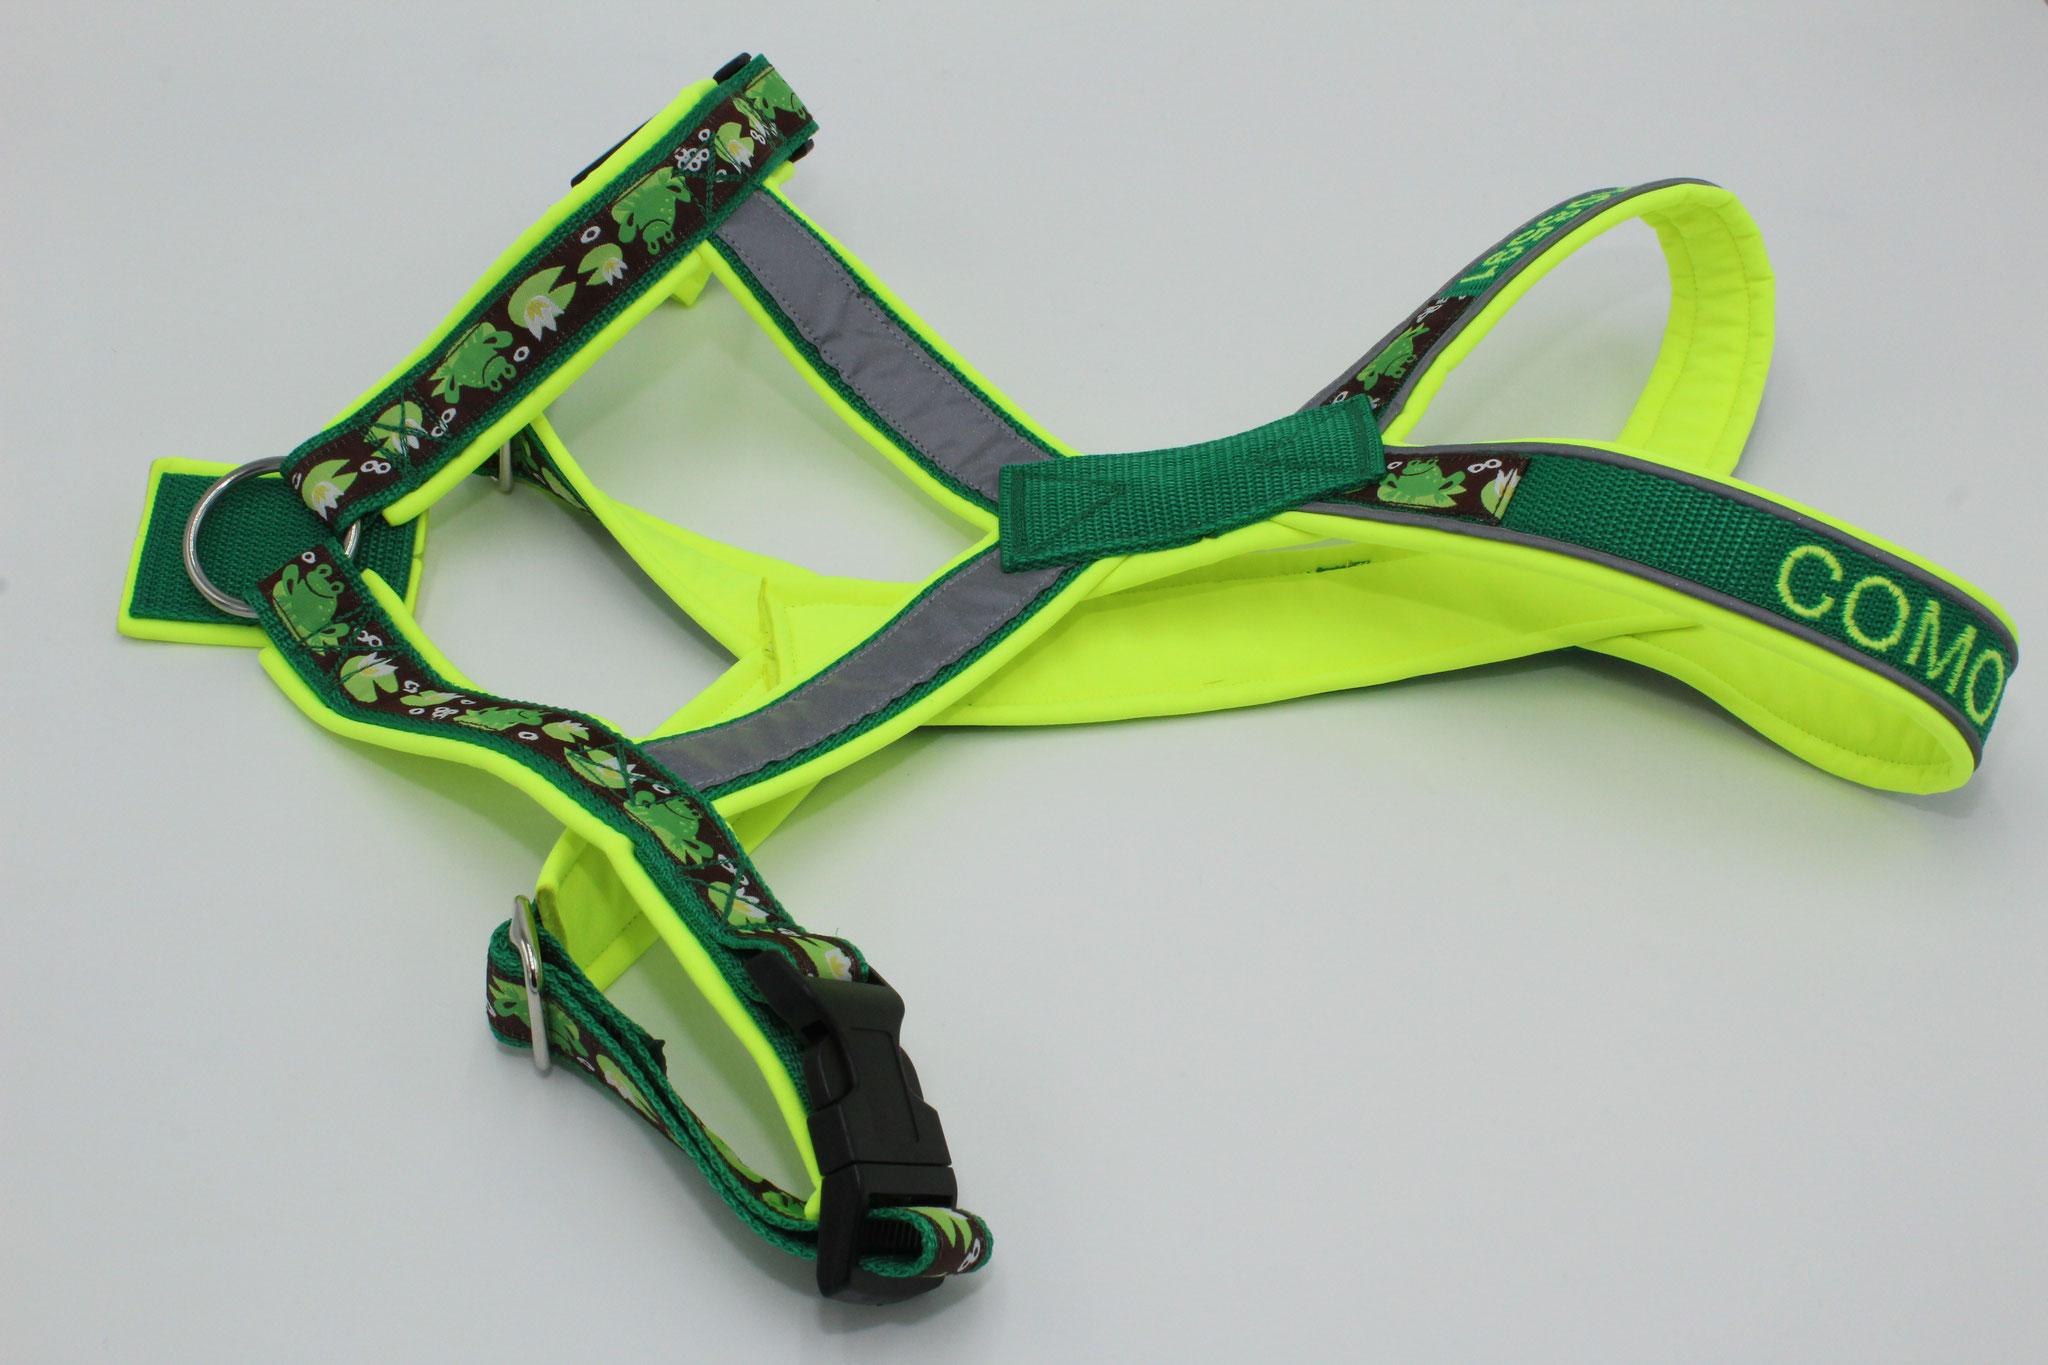 Gurtband grün G11, Softshell neongelb S46, mit Bestickung, Webband, Reflektorenpaspel und Reflektorenband